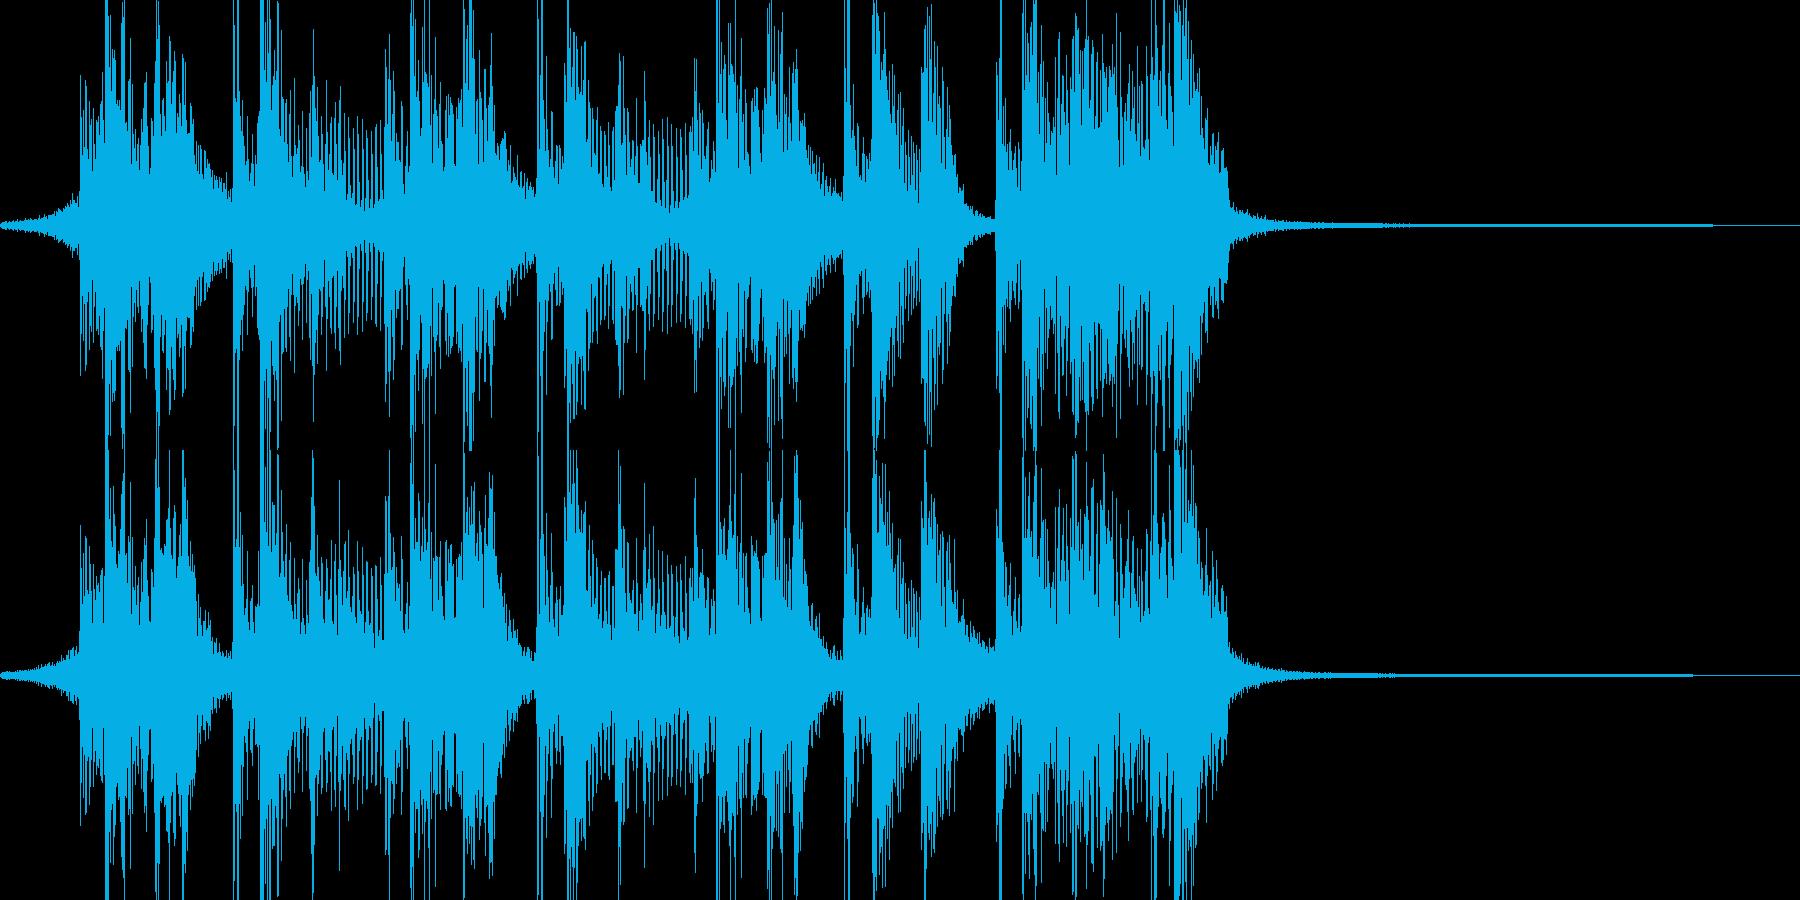 コミカルで、面白可笑しな三味線ジングルの再生済みの波形